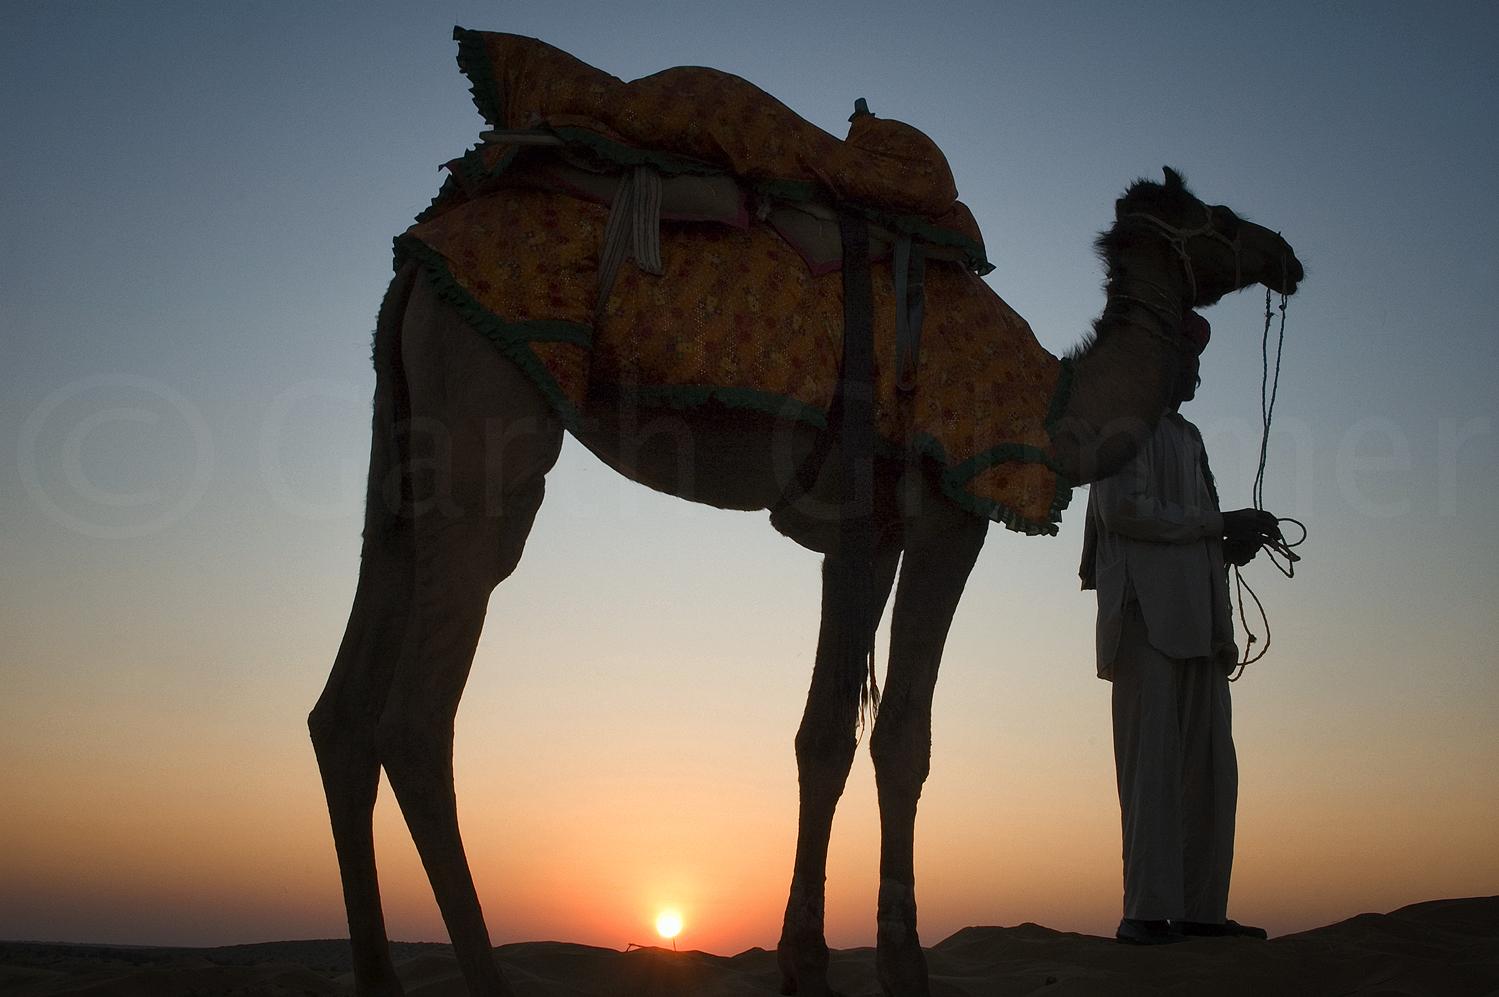 Sunset at That Desert